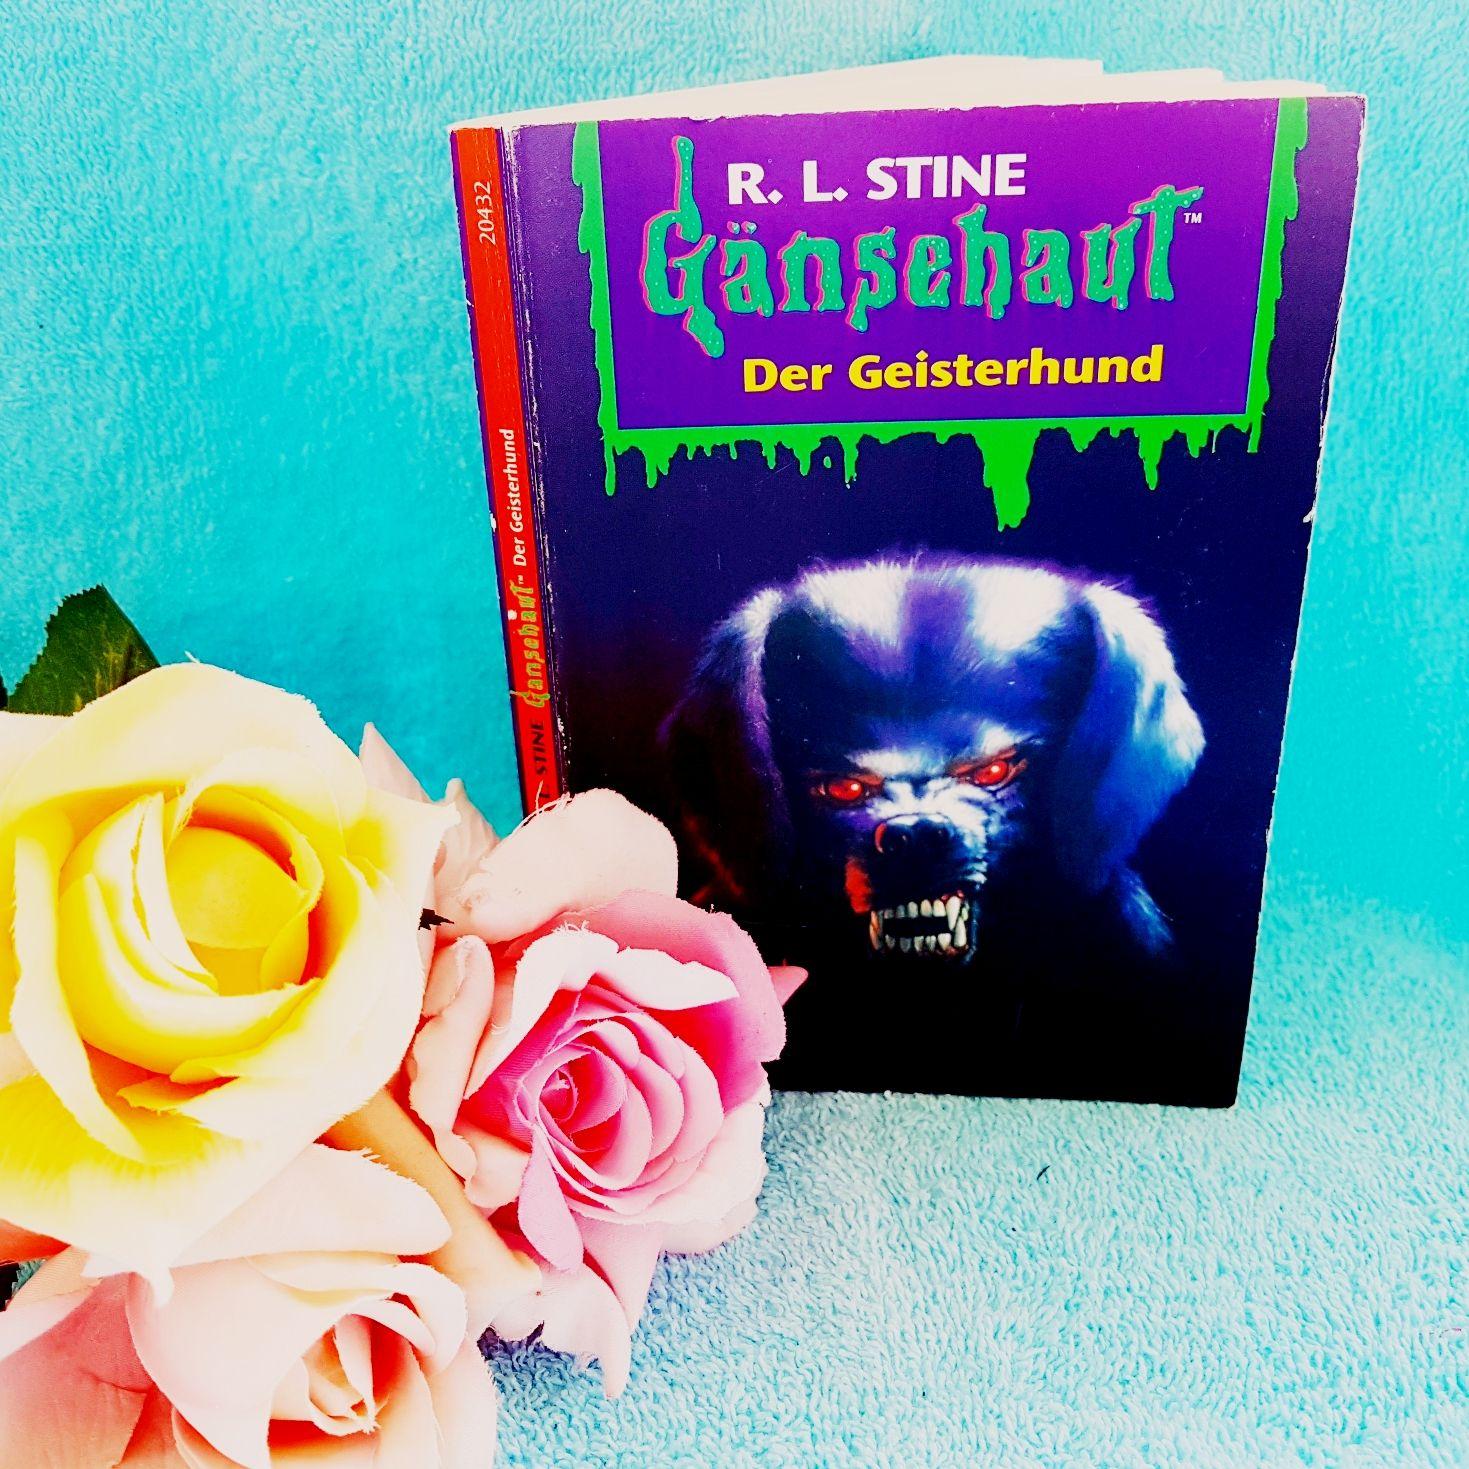 Gänsehaut - Der Geisterhund von R.L.Stine